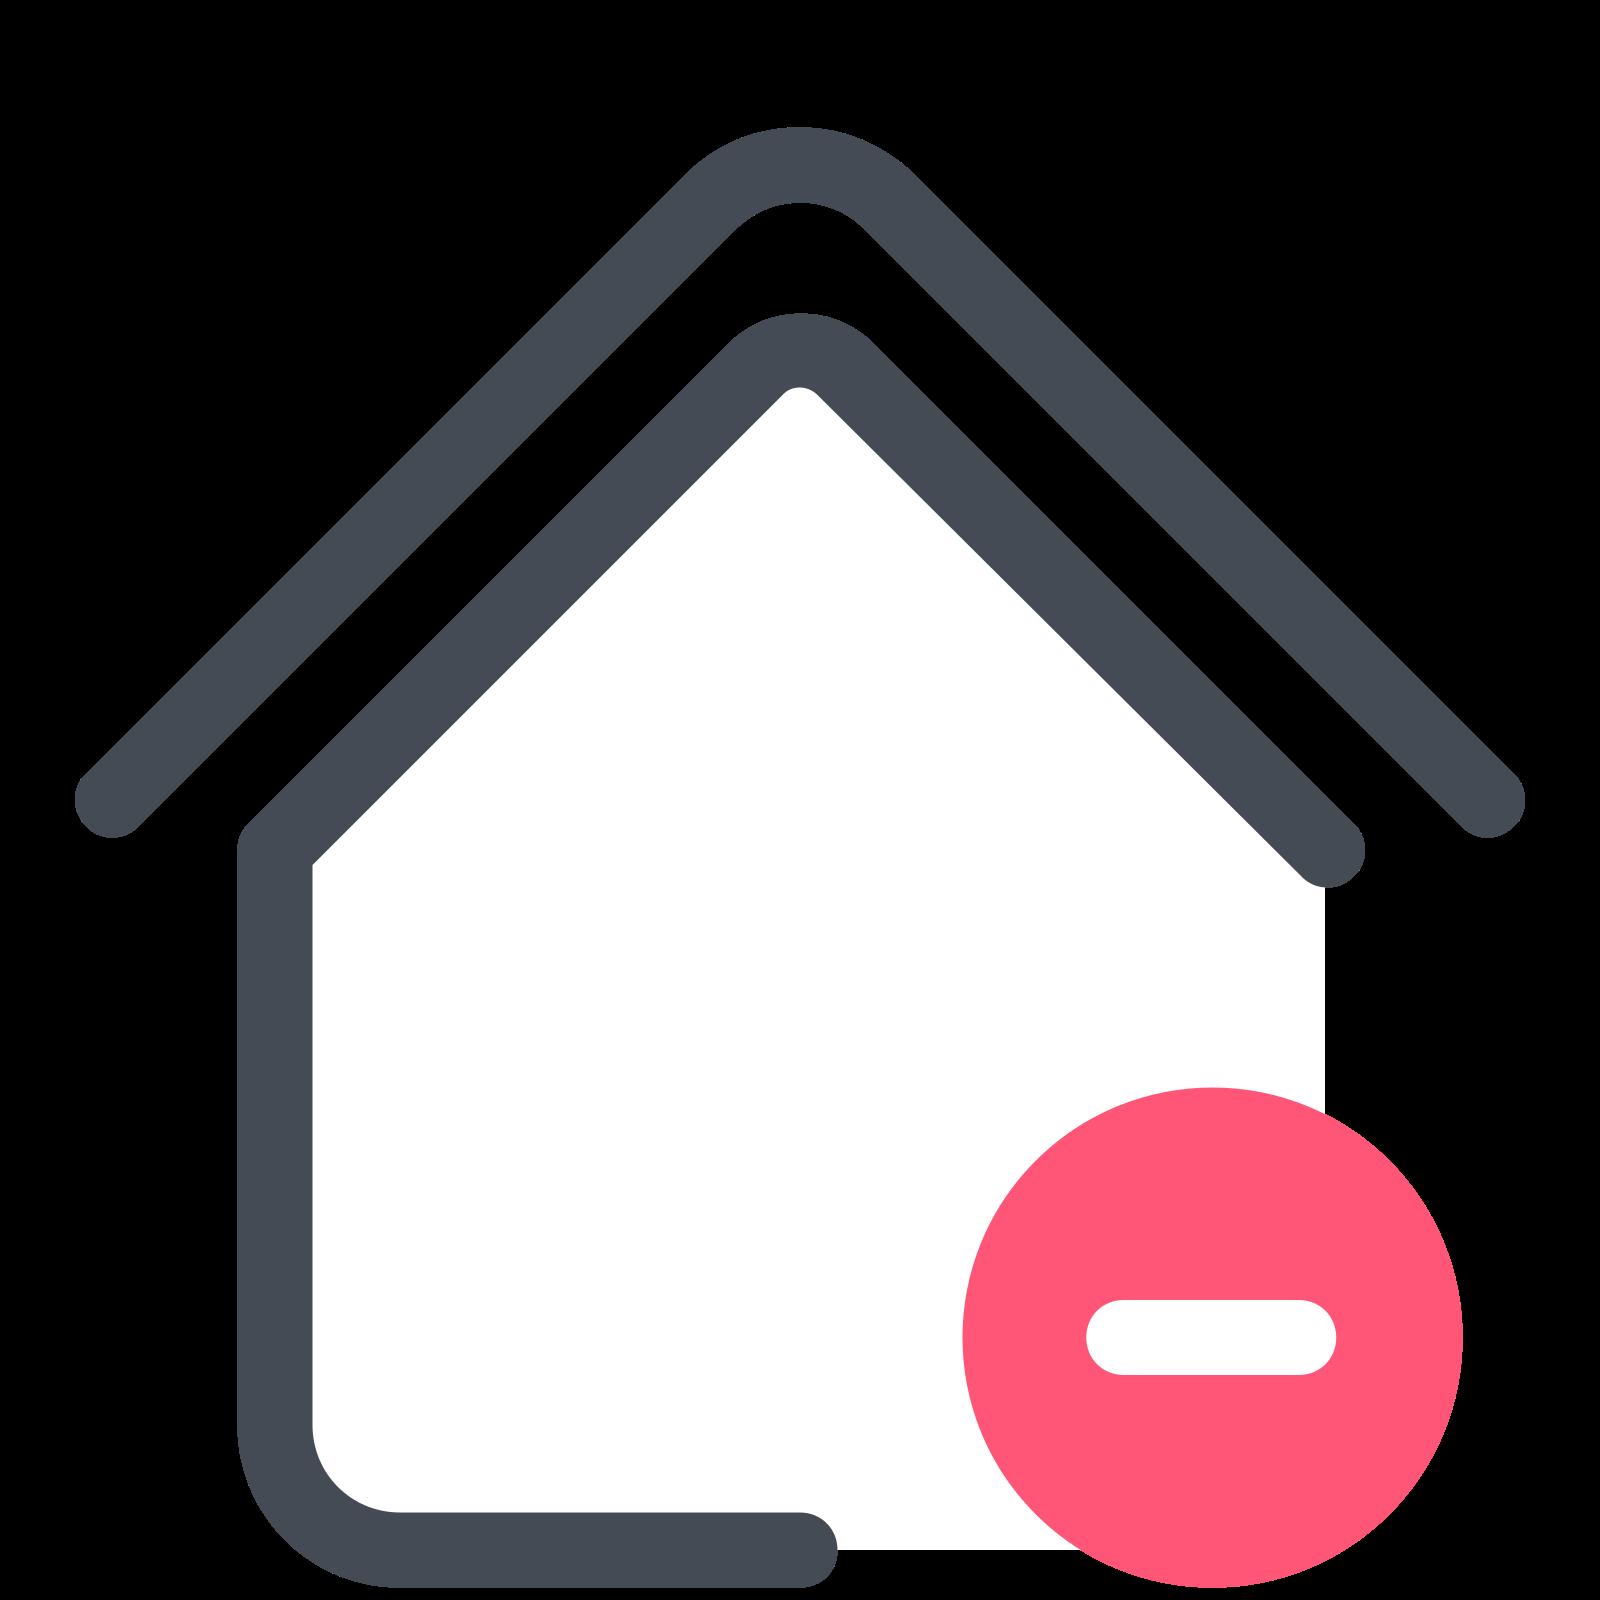 Smart Home Remove icon